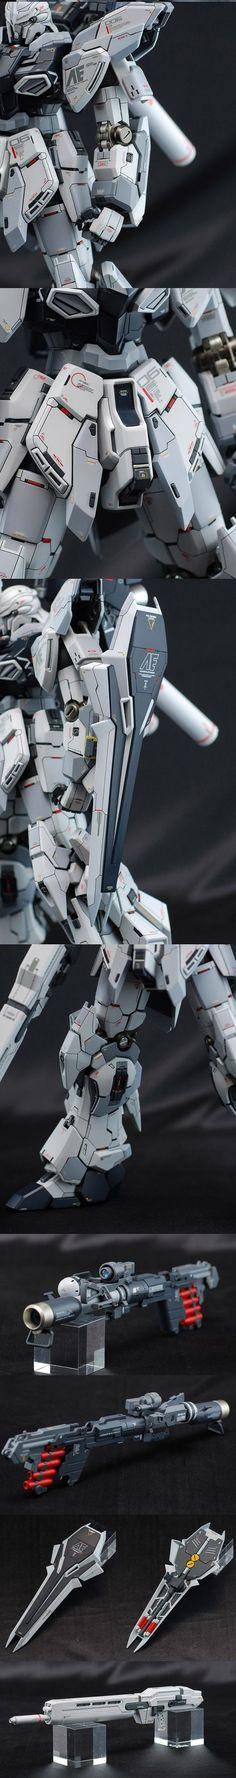 www.pointnet.com.hk - 模型作品 MG 1/100 SINANJU STEIN 原石